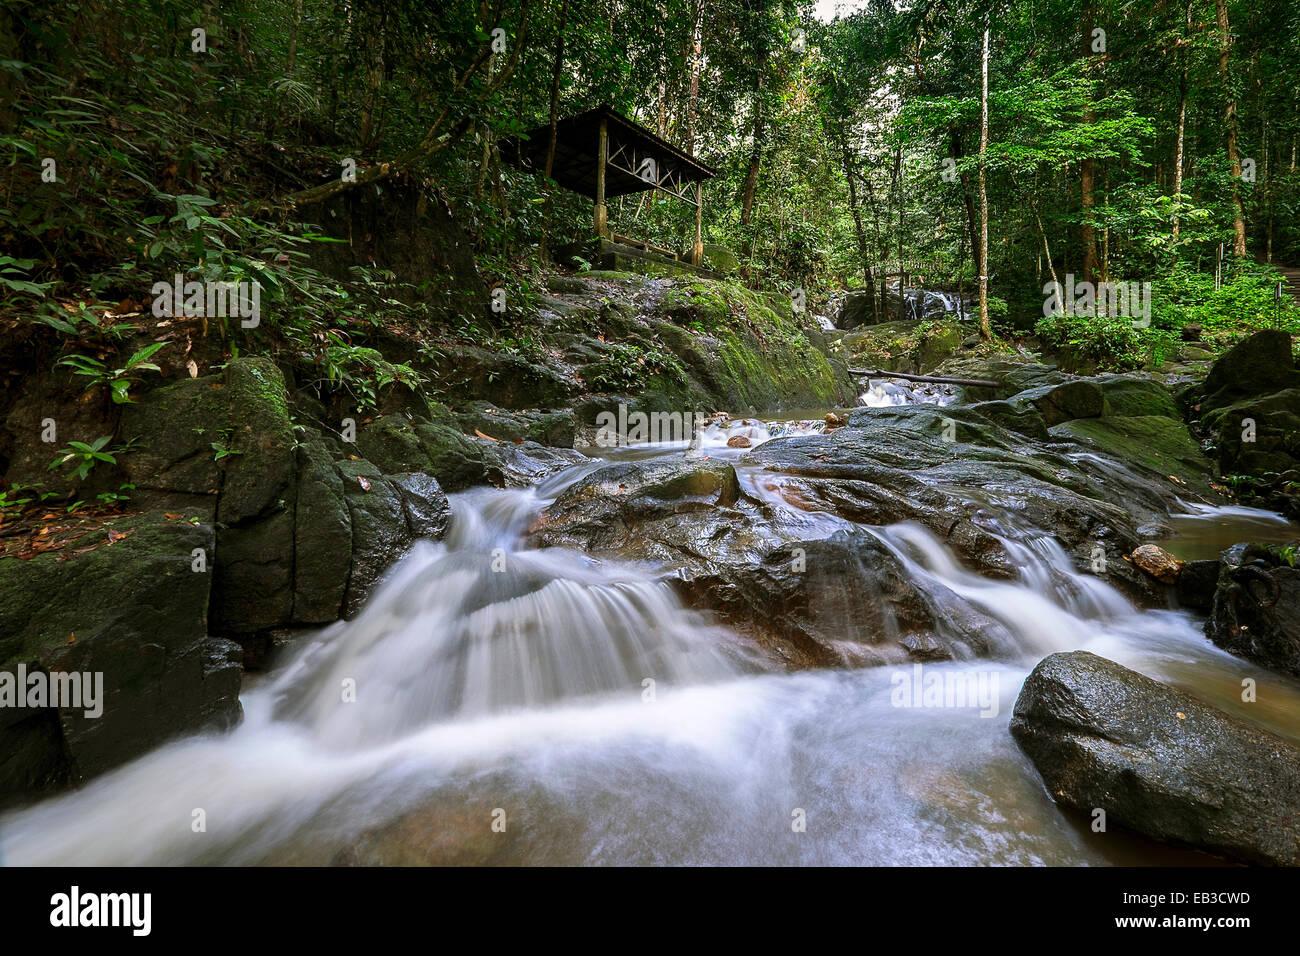 Estado de Selangor, Malasia, Semenyih, Sungai Tekala Bosque Recreativo, río de montaña Imagen De Stock